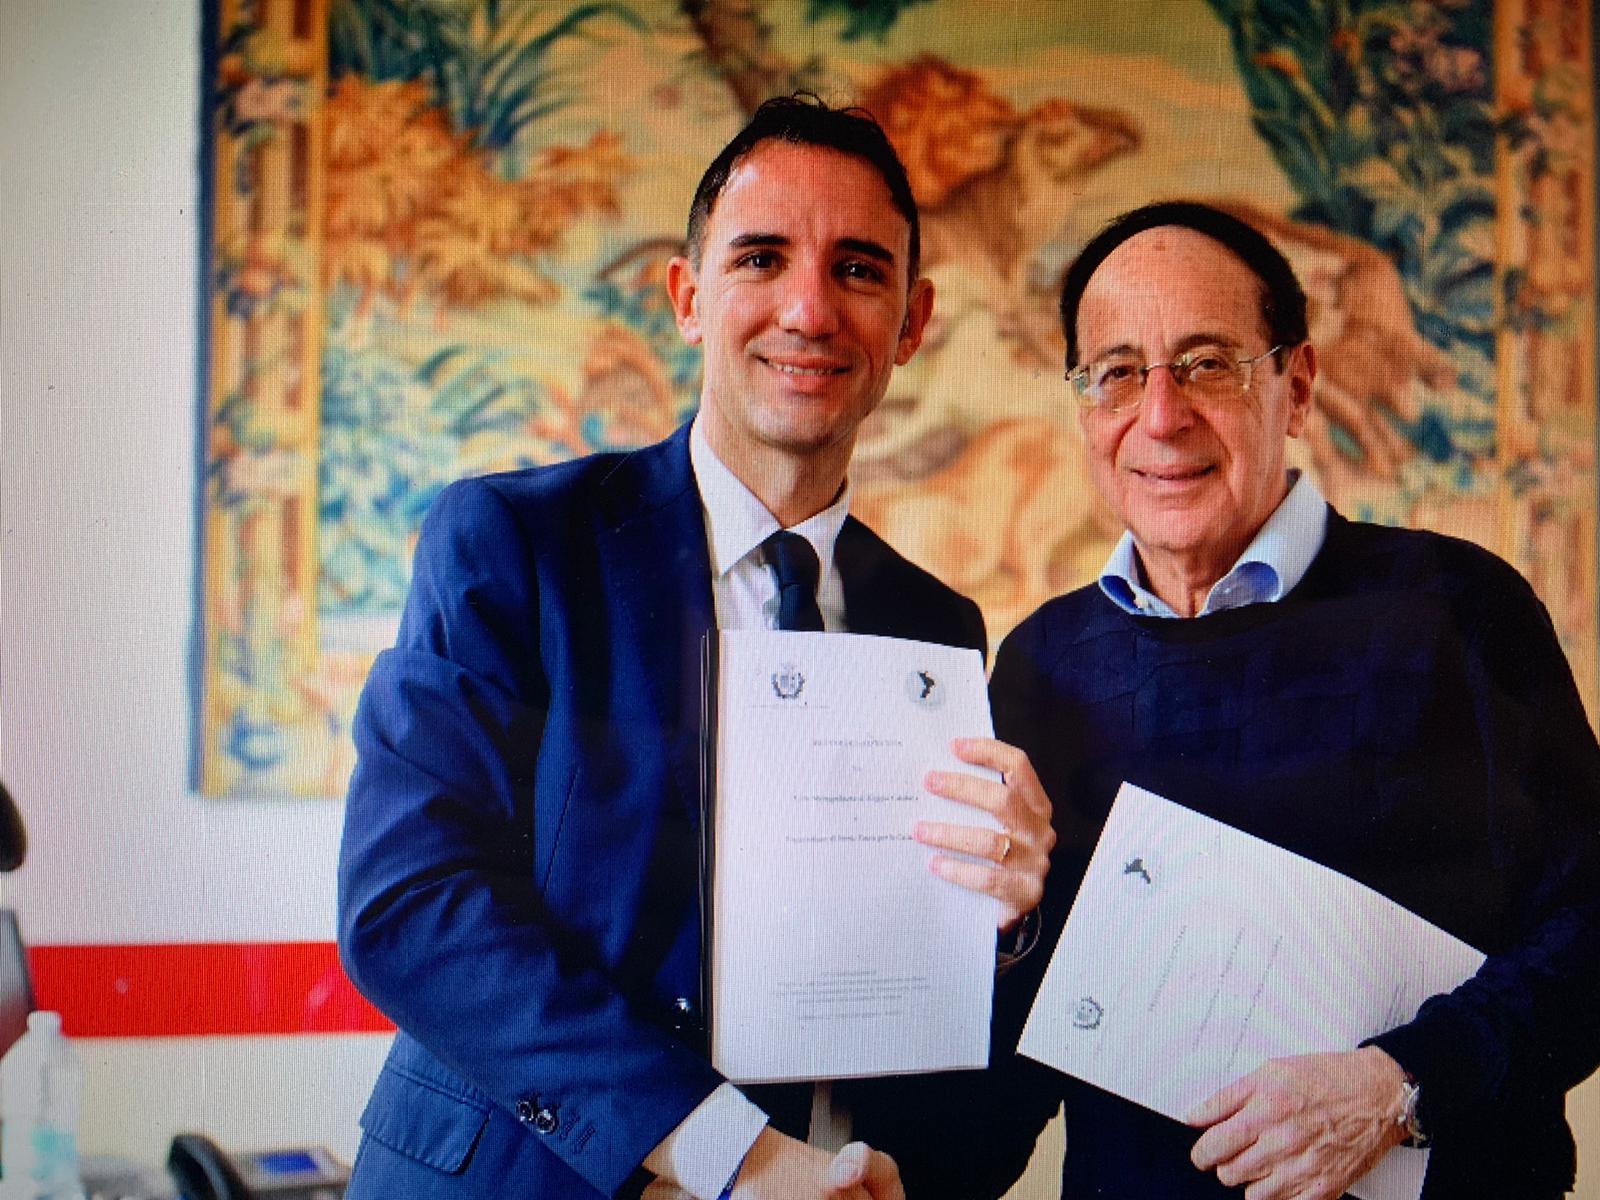 Eventi culturali, firmata l'intesa tra Metrocity e Deputazione di storia della patria